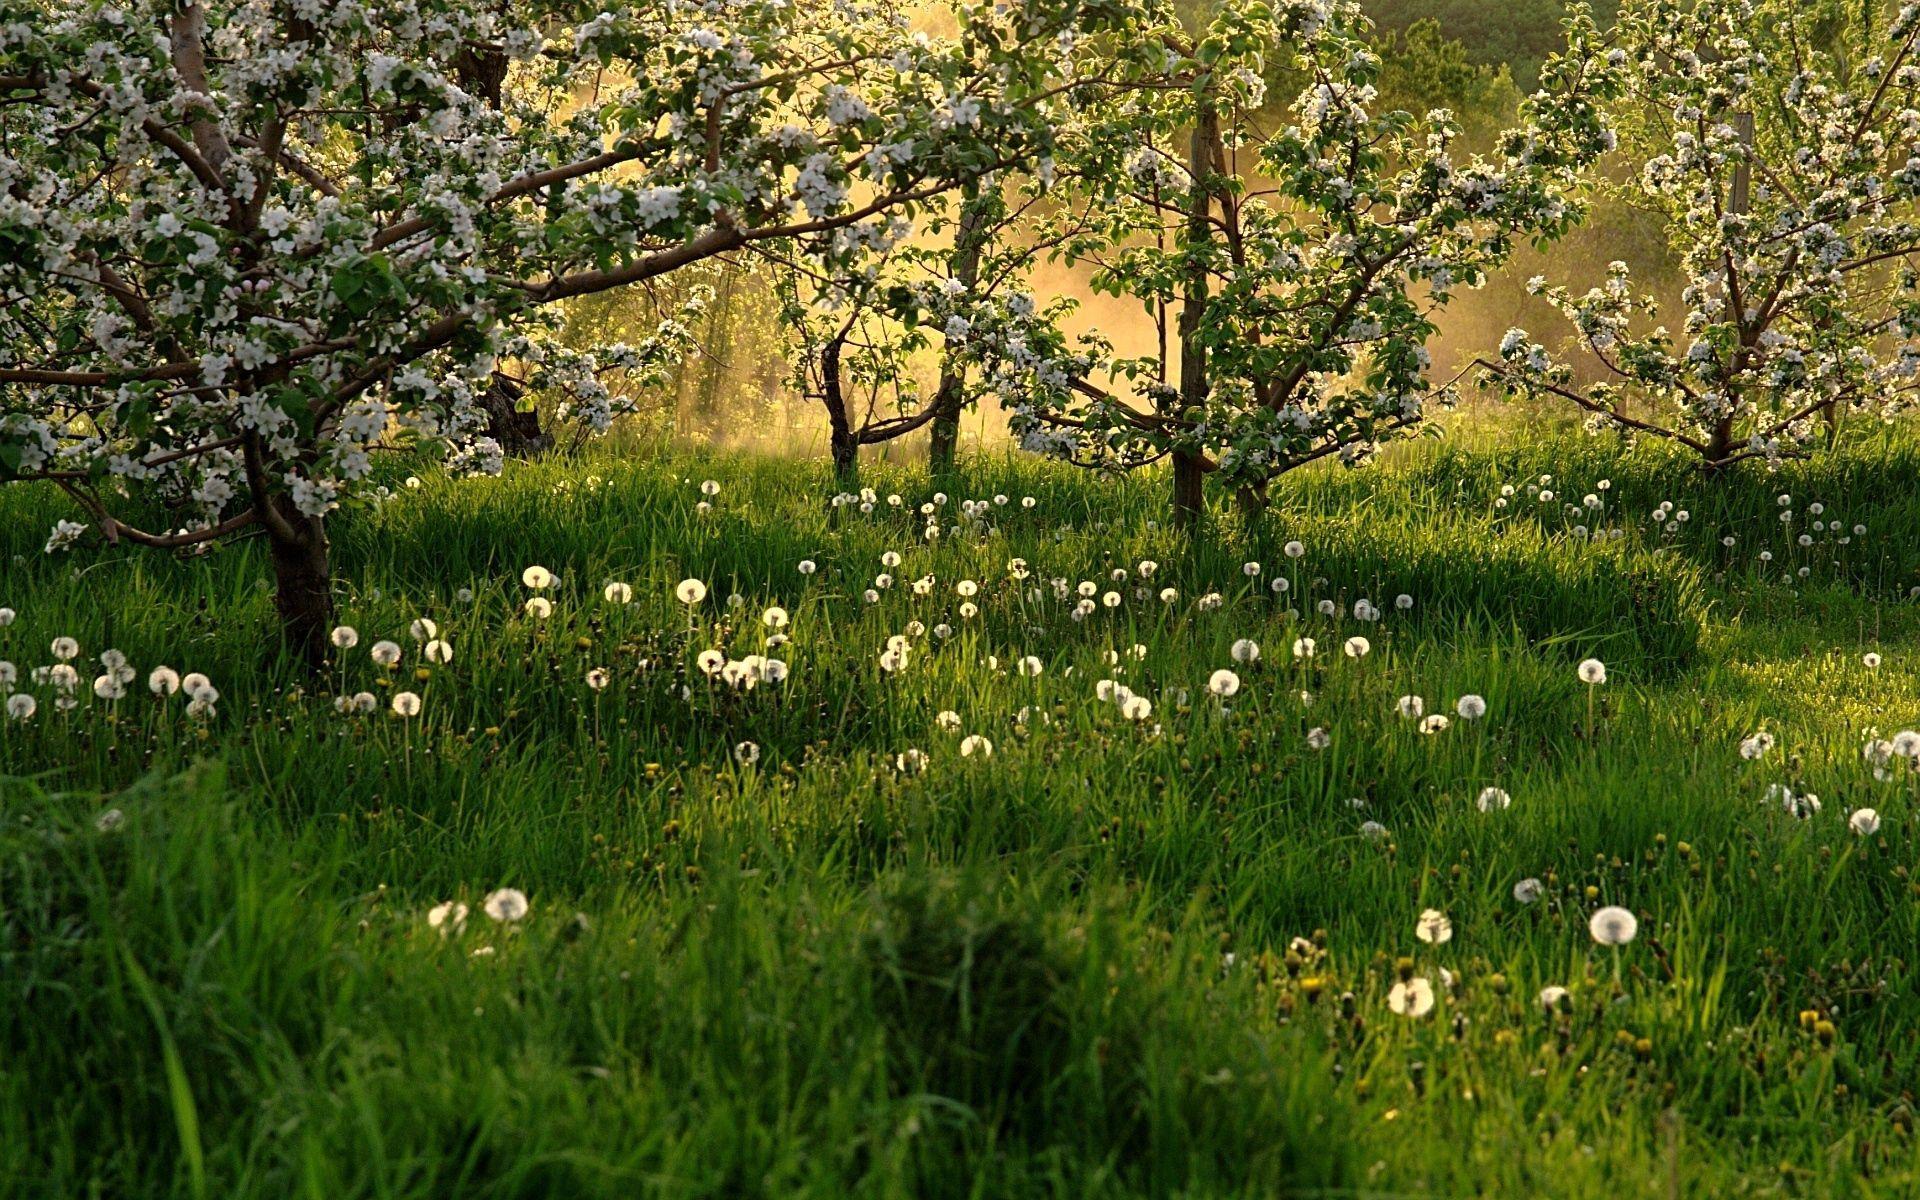 Скачать картинку Природа, Деревья, Трава, Одуванчики, Цветение, Весна в телефон бесплатно.